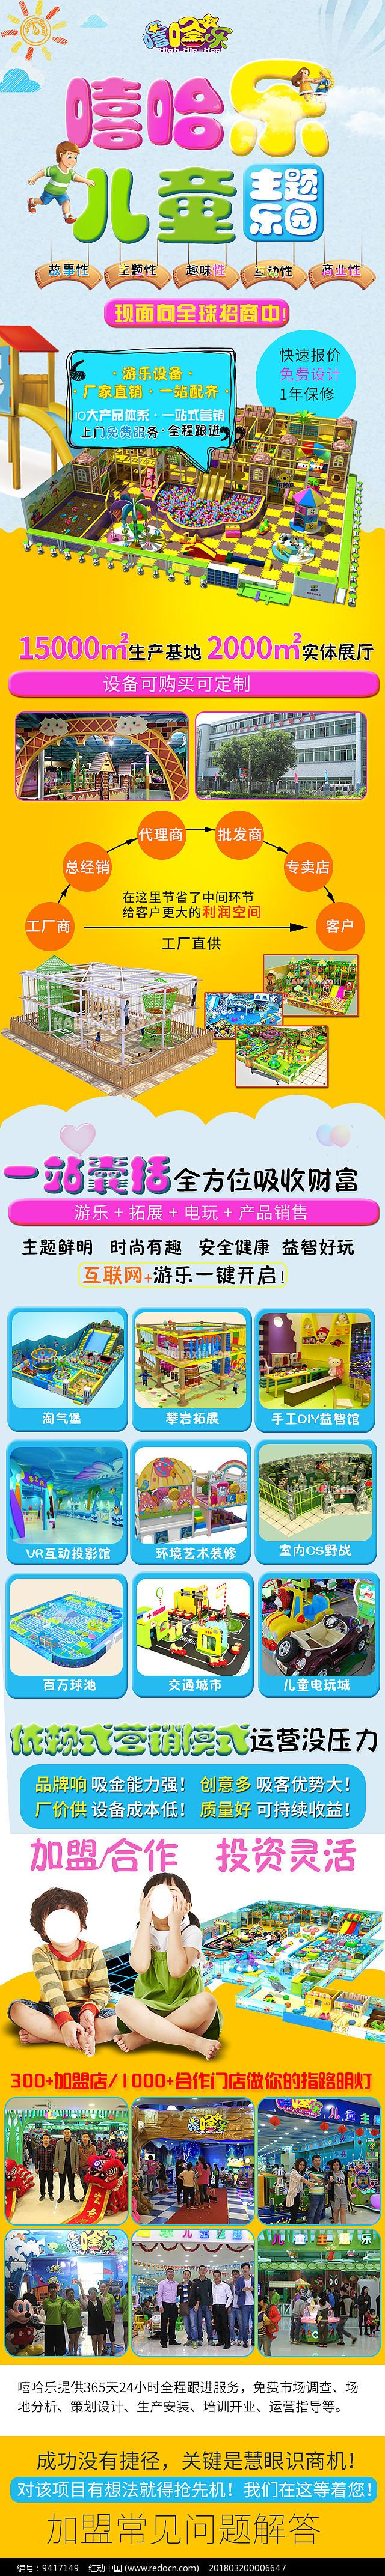 可爱儿童乐园手机页面设计图片